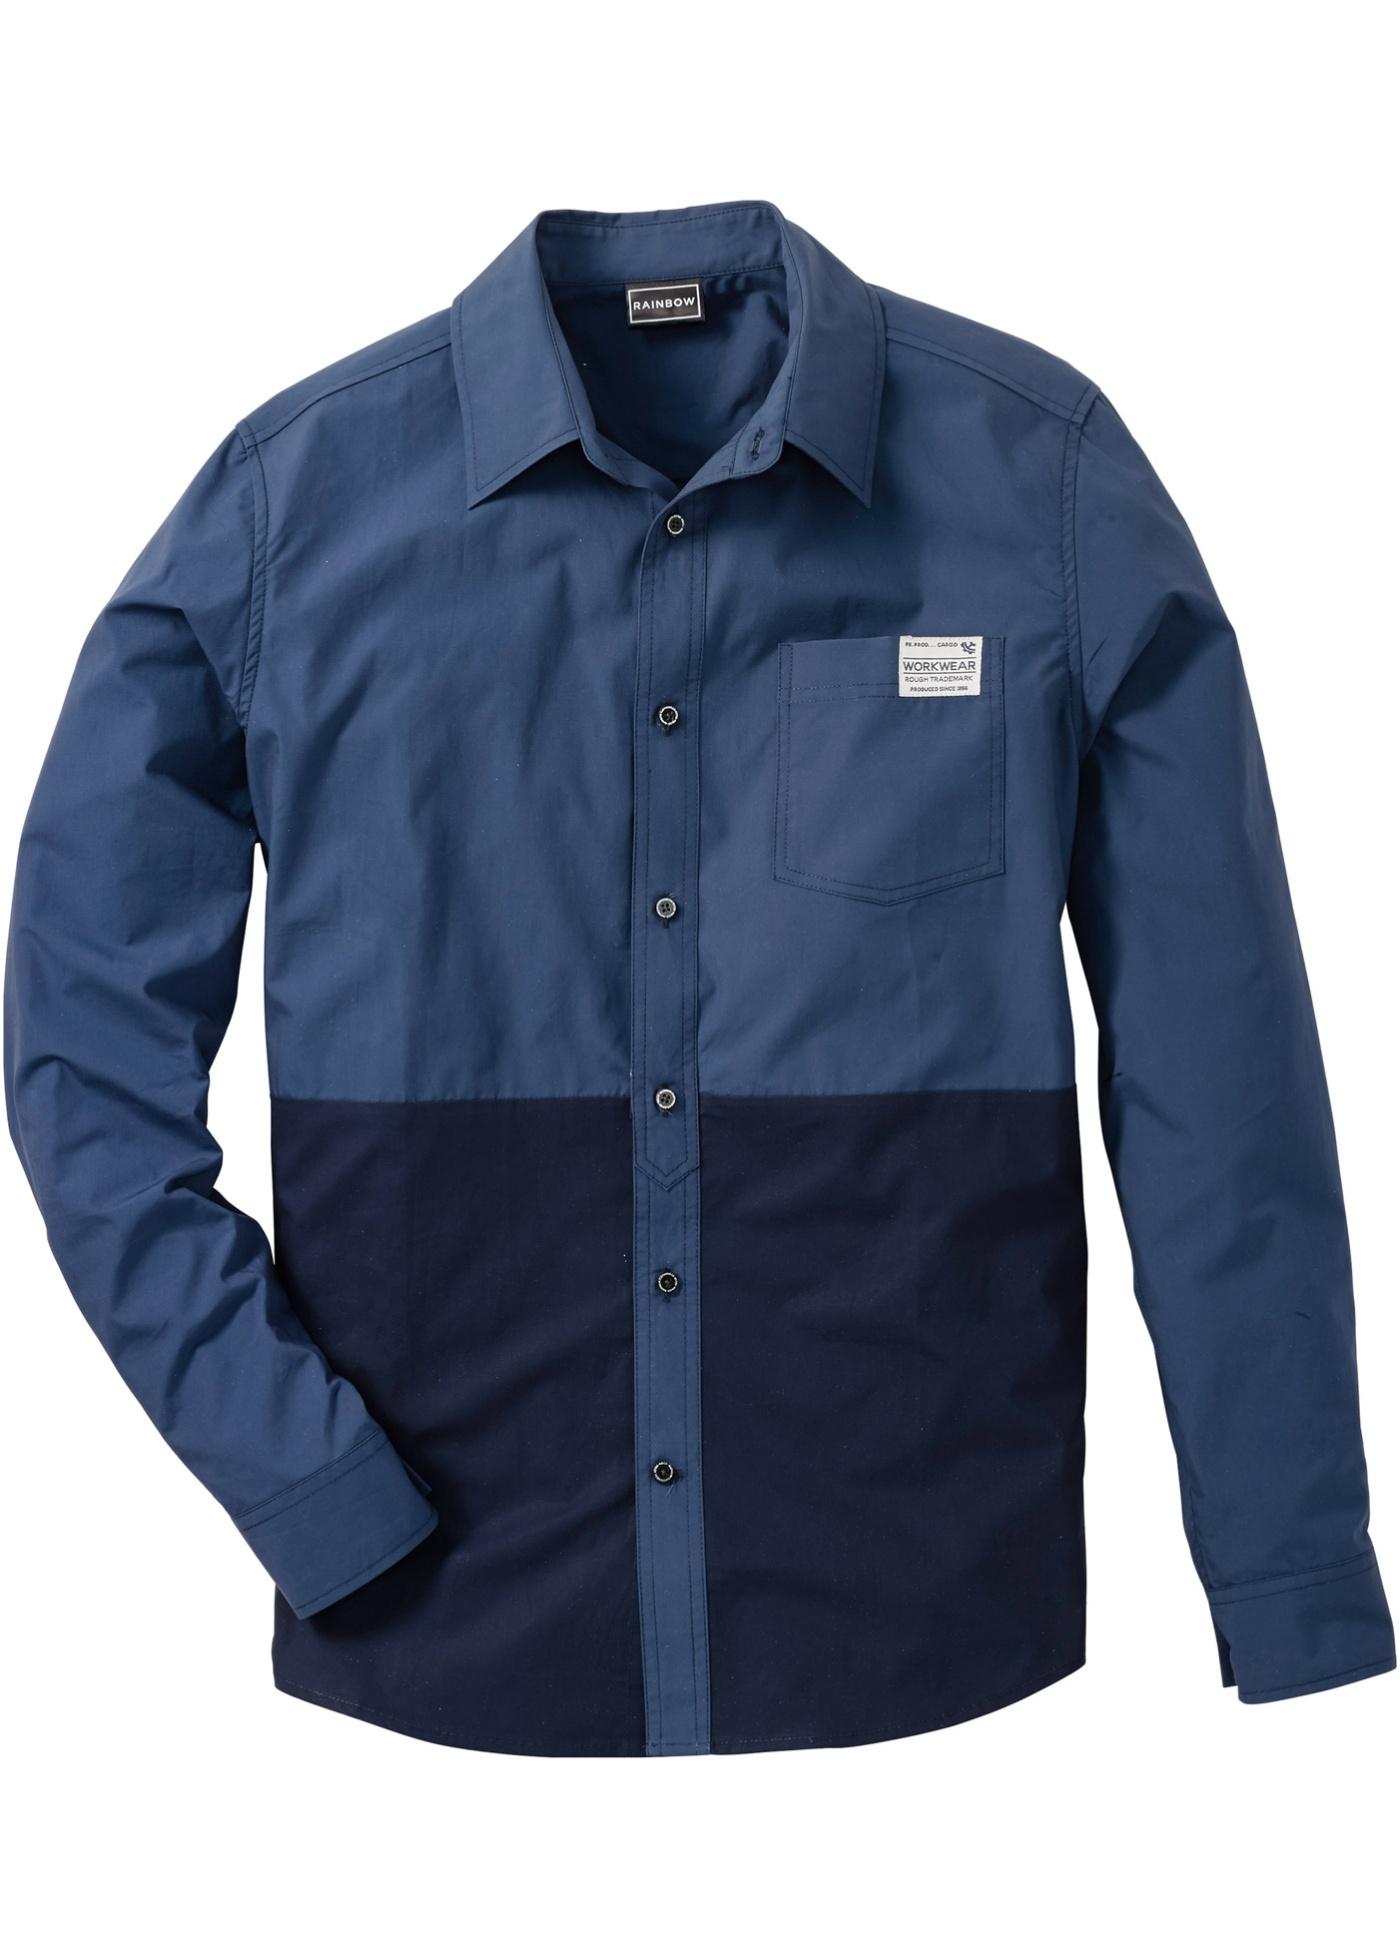 RAINBOW Langarmhemd in blau für Herren von bonprix Herrenmode Herrenbekleidung Herren Hemden Herren Hemd Langarm